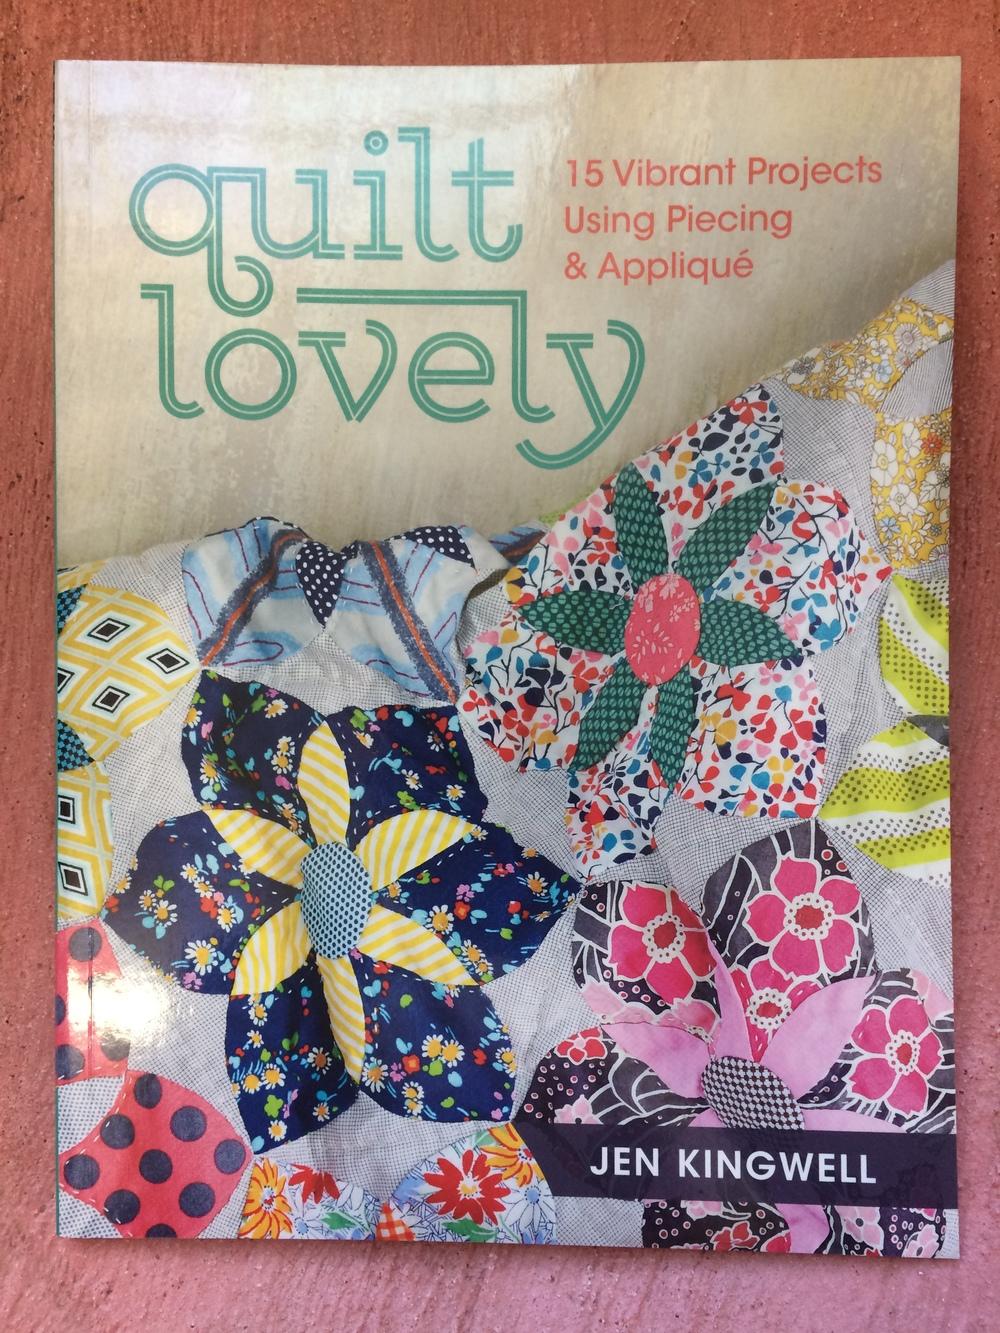 quilt-lovely-jen-kingwell